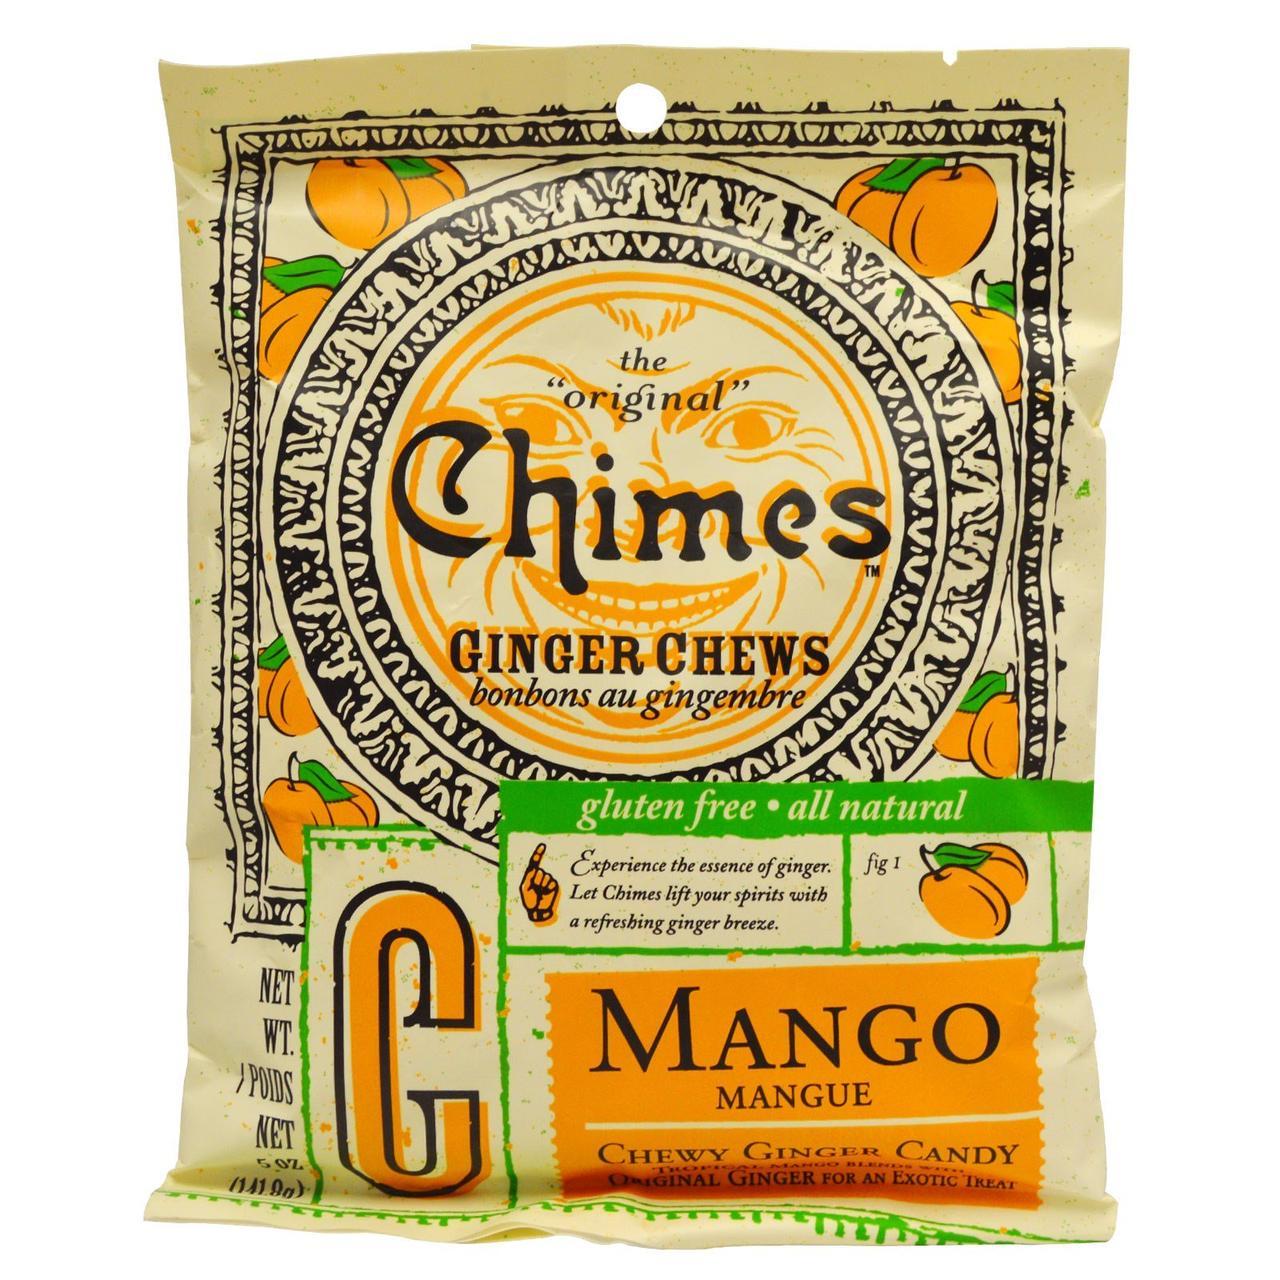 Имбирные жевательные конфеты с манго, Ginger Chews, Chimes, 141,8 г